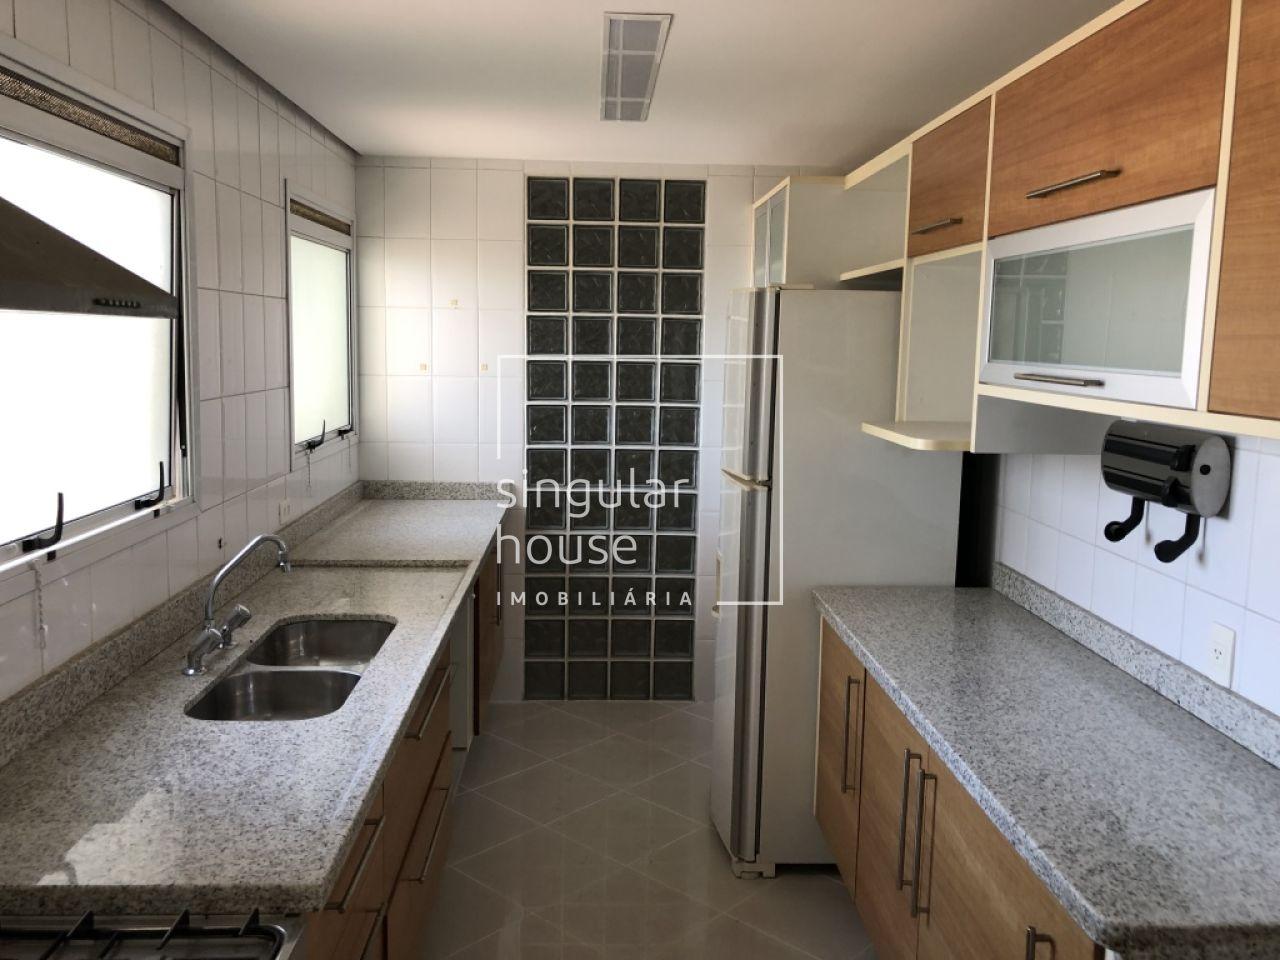 4 Dormitórios   172 m²   Alto Padrão